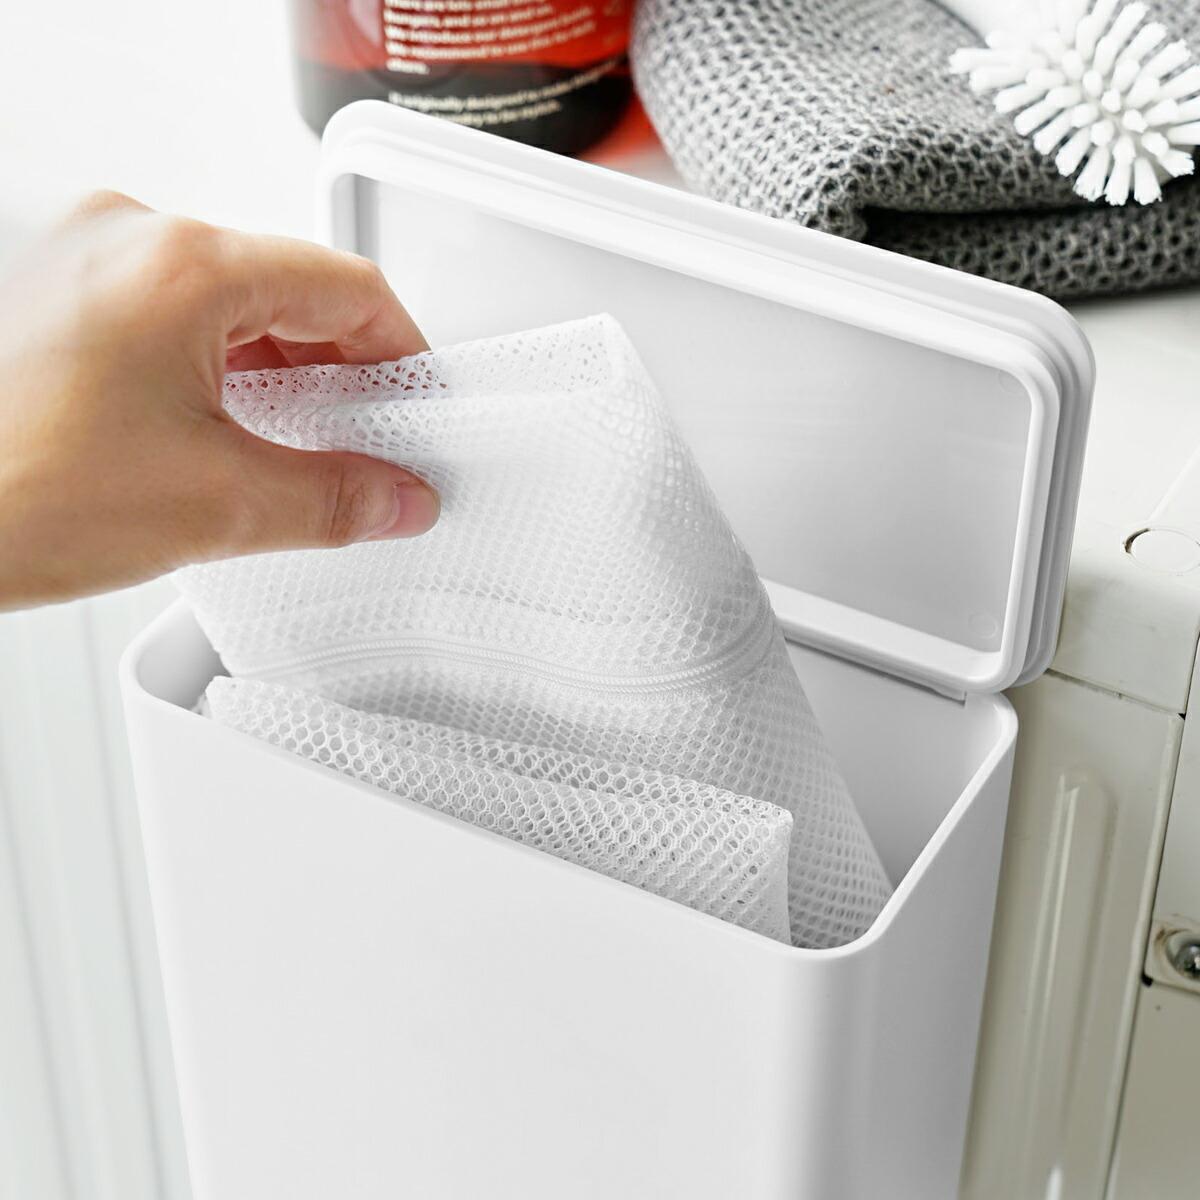 tower / タワー マグネット洗濯洗剤ボールストッカー 磁石 収納 ランドリー